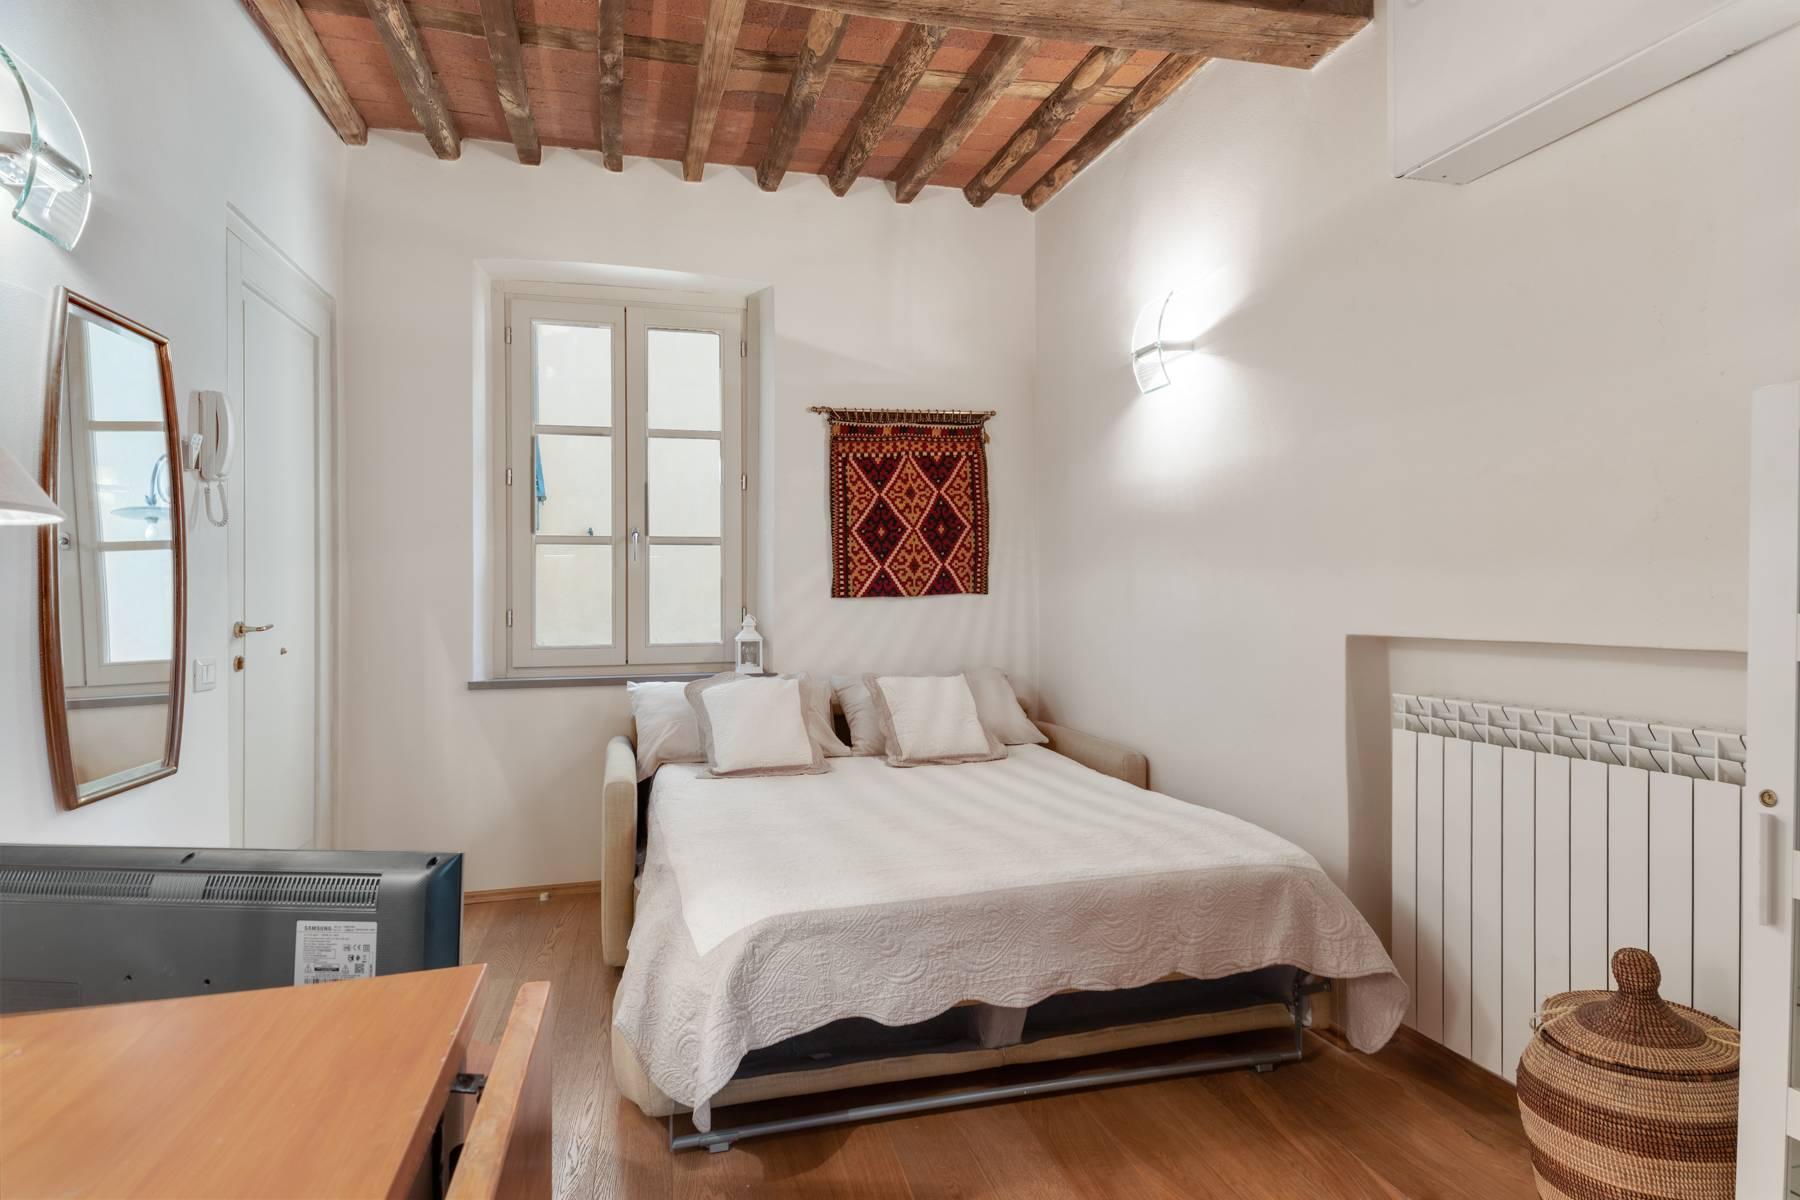 Grazioso appartamento indipendente nel cuore di Lucca - 16